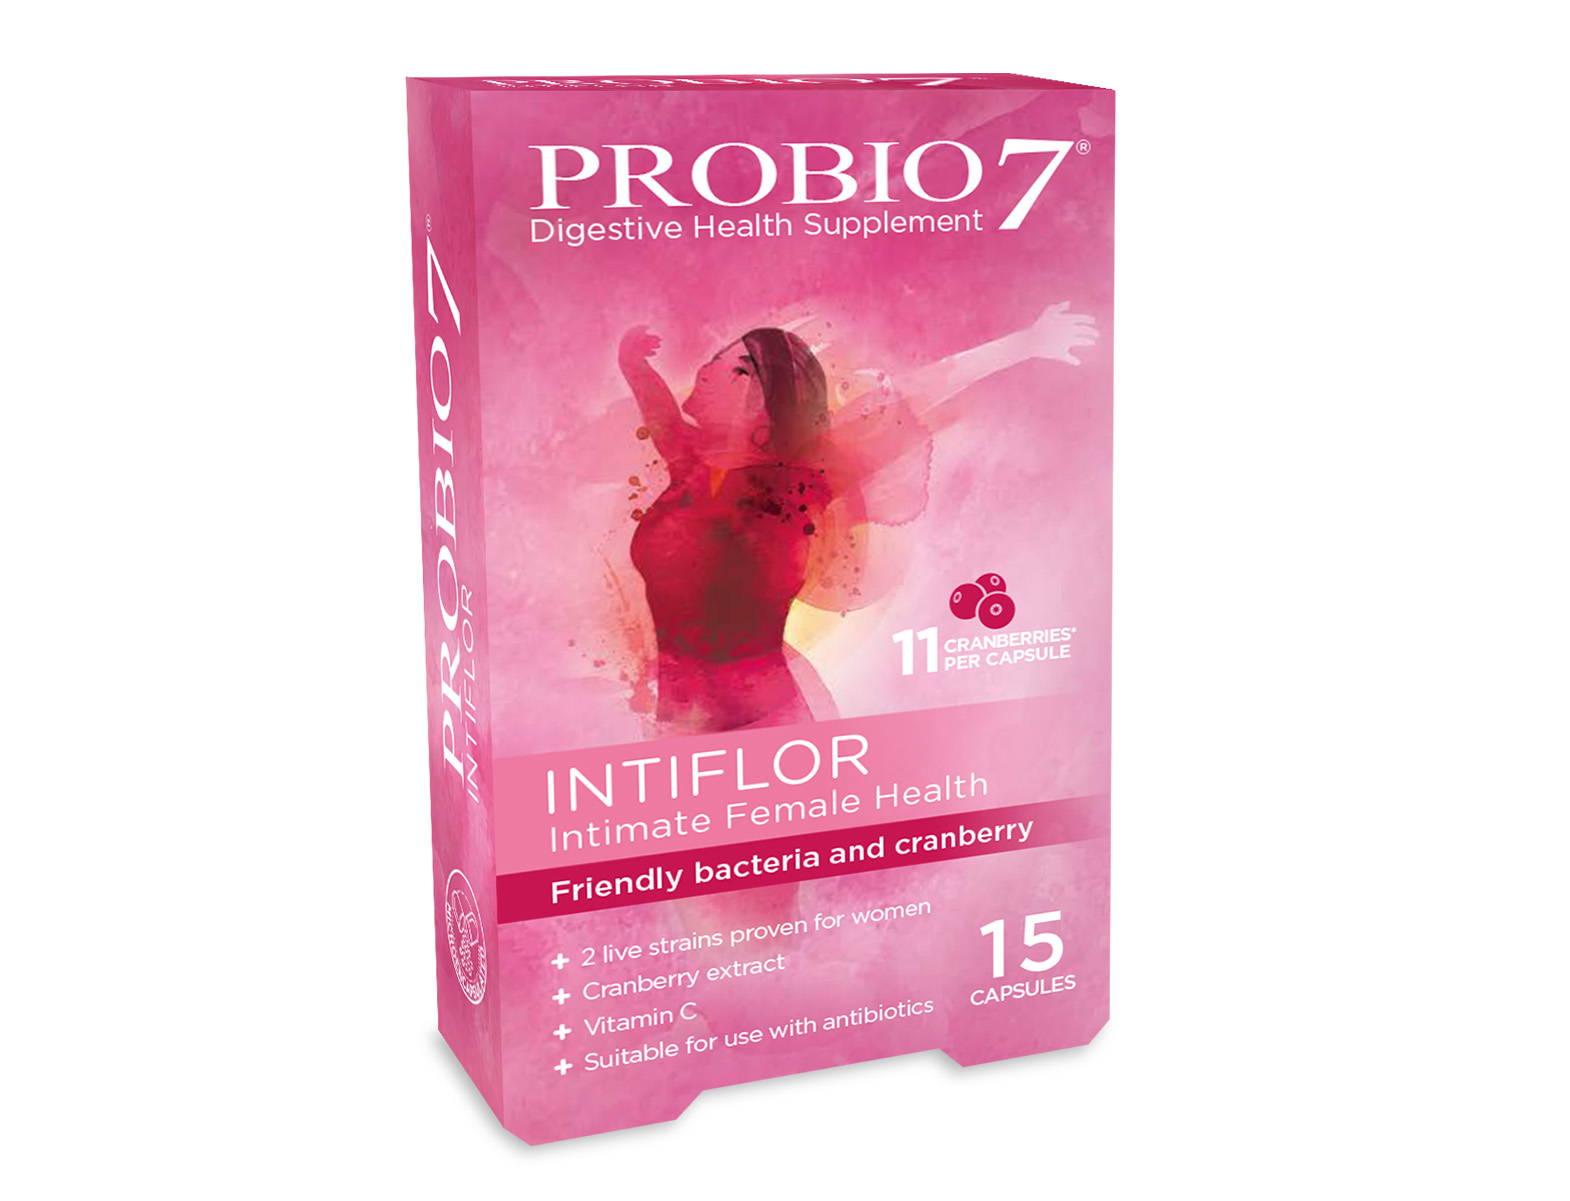 Probio7 Intiflor 15capsules